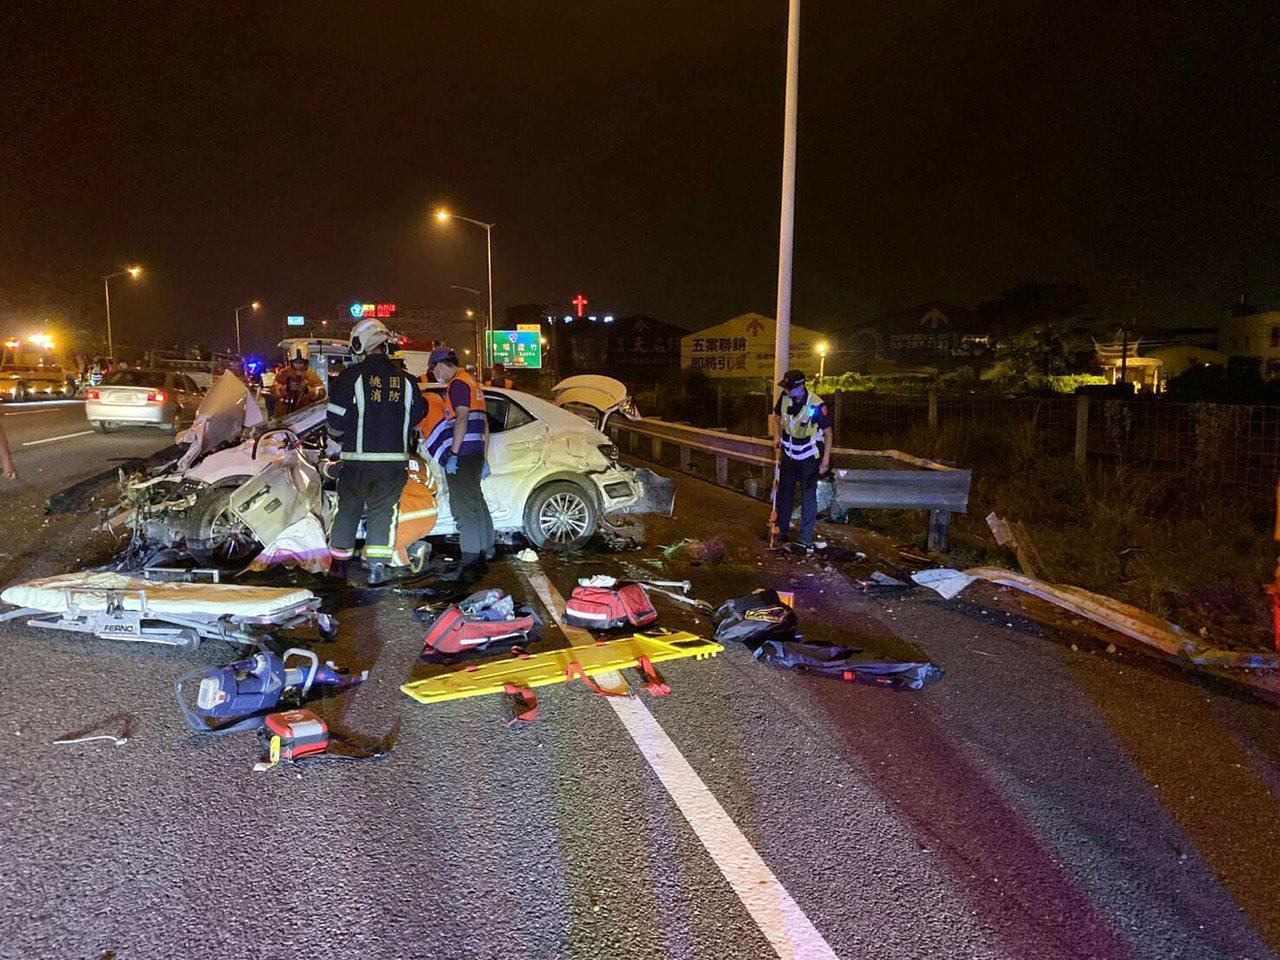 國道2號10月3日西向機場系統前方發生2車疑切換車道發生撞擊,造成3傷車禍,網友...